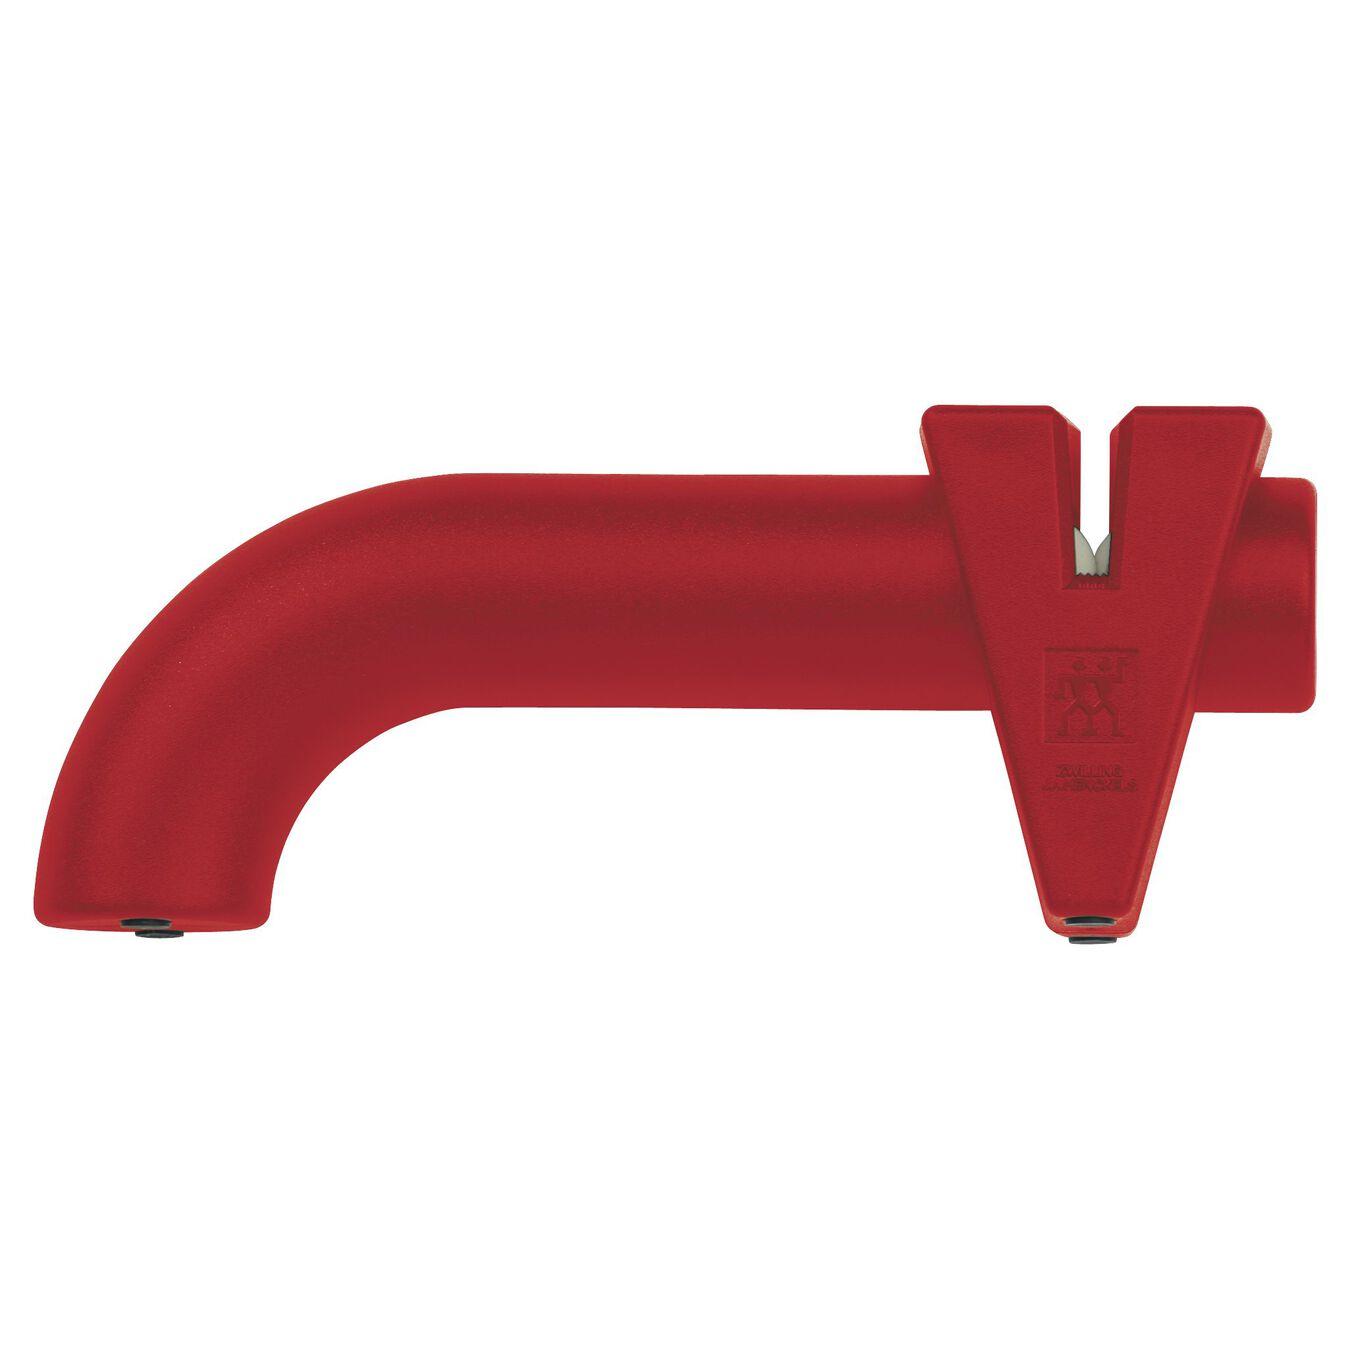 Knife sharpener, 5 cm | red | ABS,,large 1